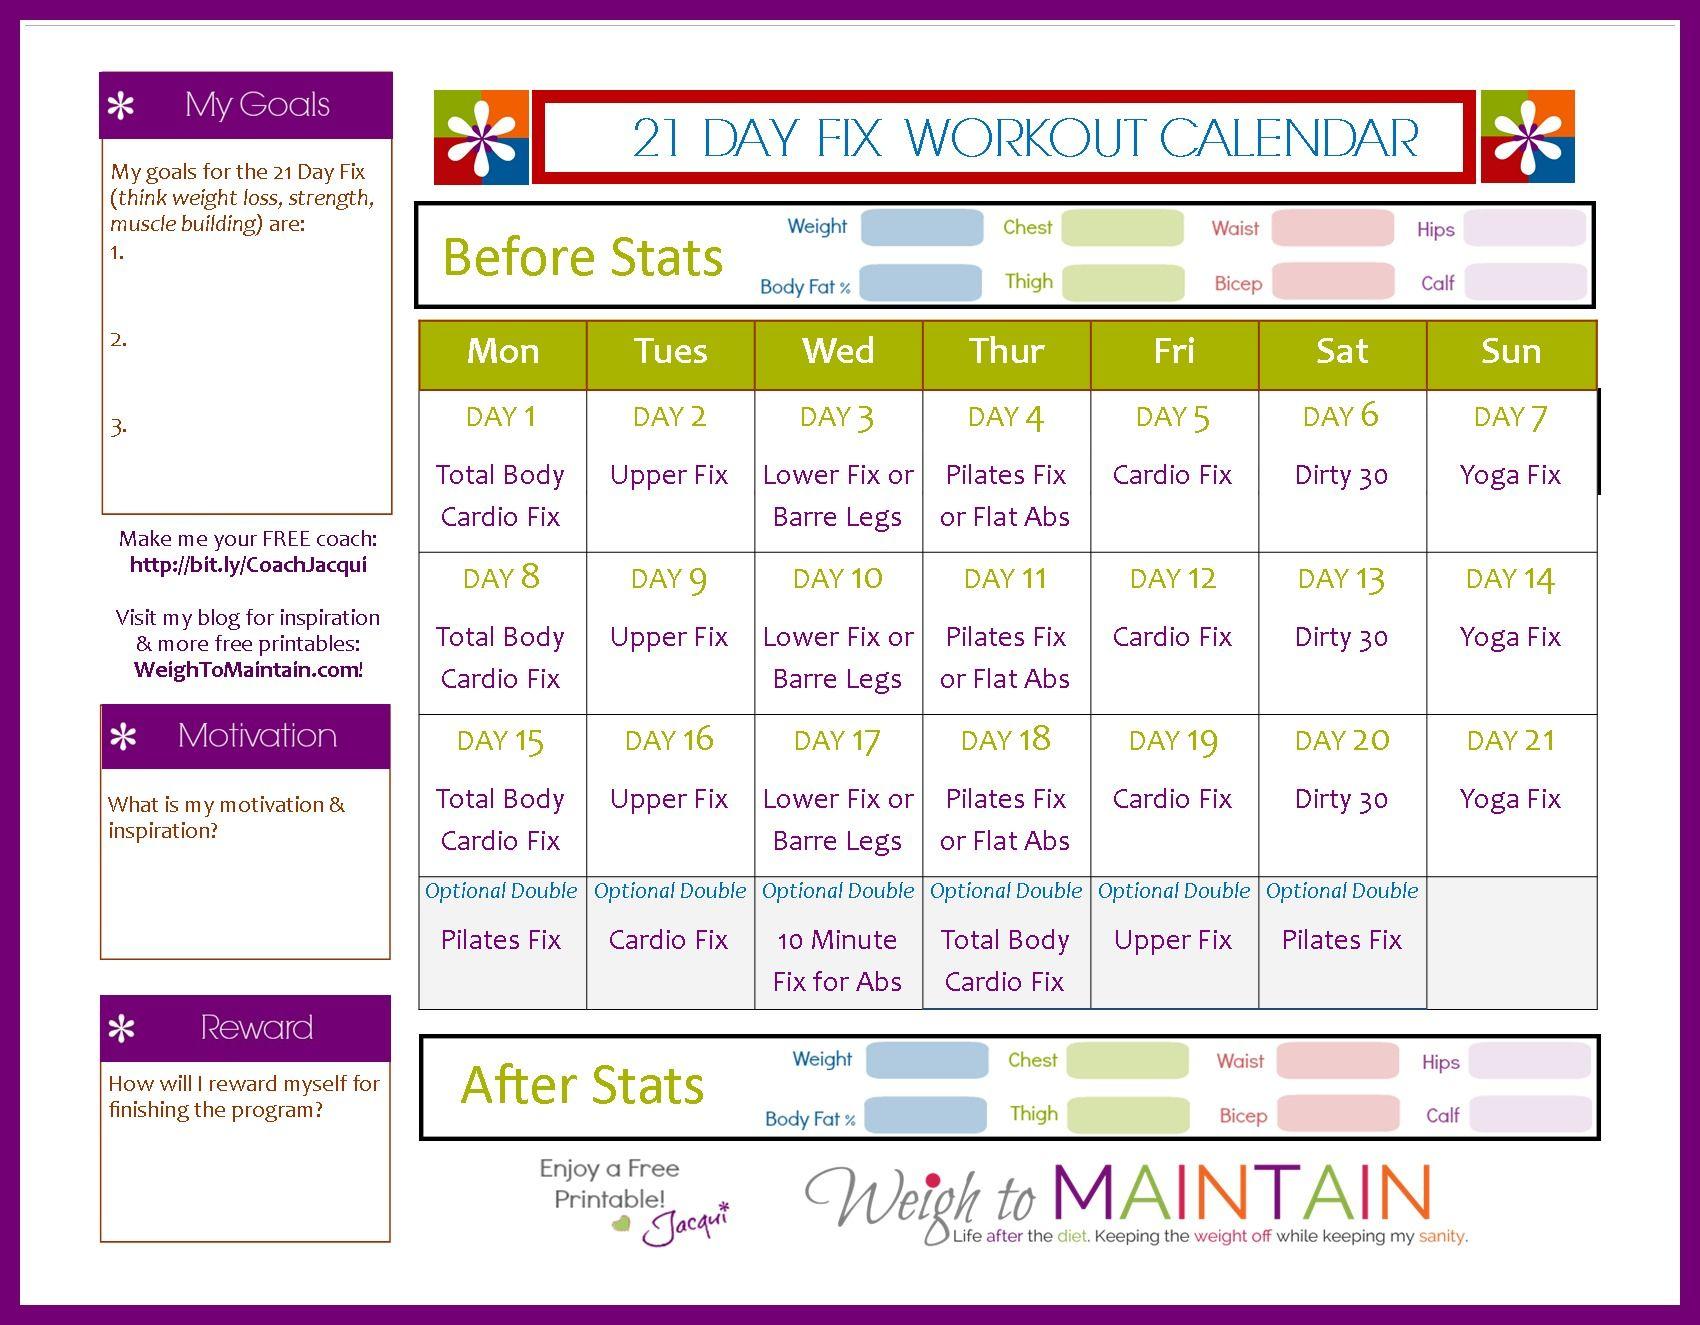 day fix workout schedule also printable calendar mudroom ideas dietas abdomen rh pinterest